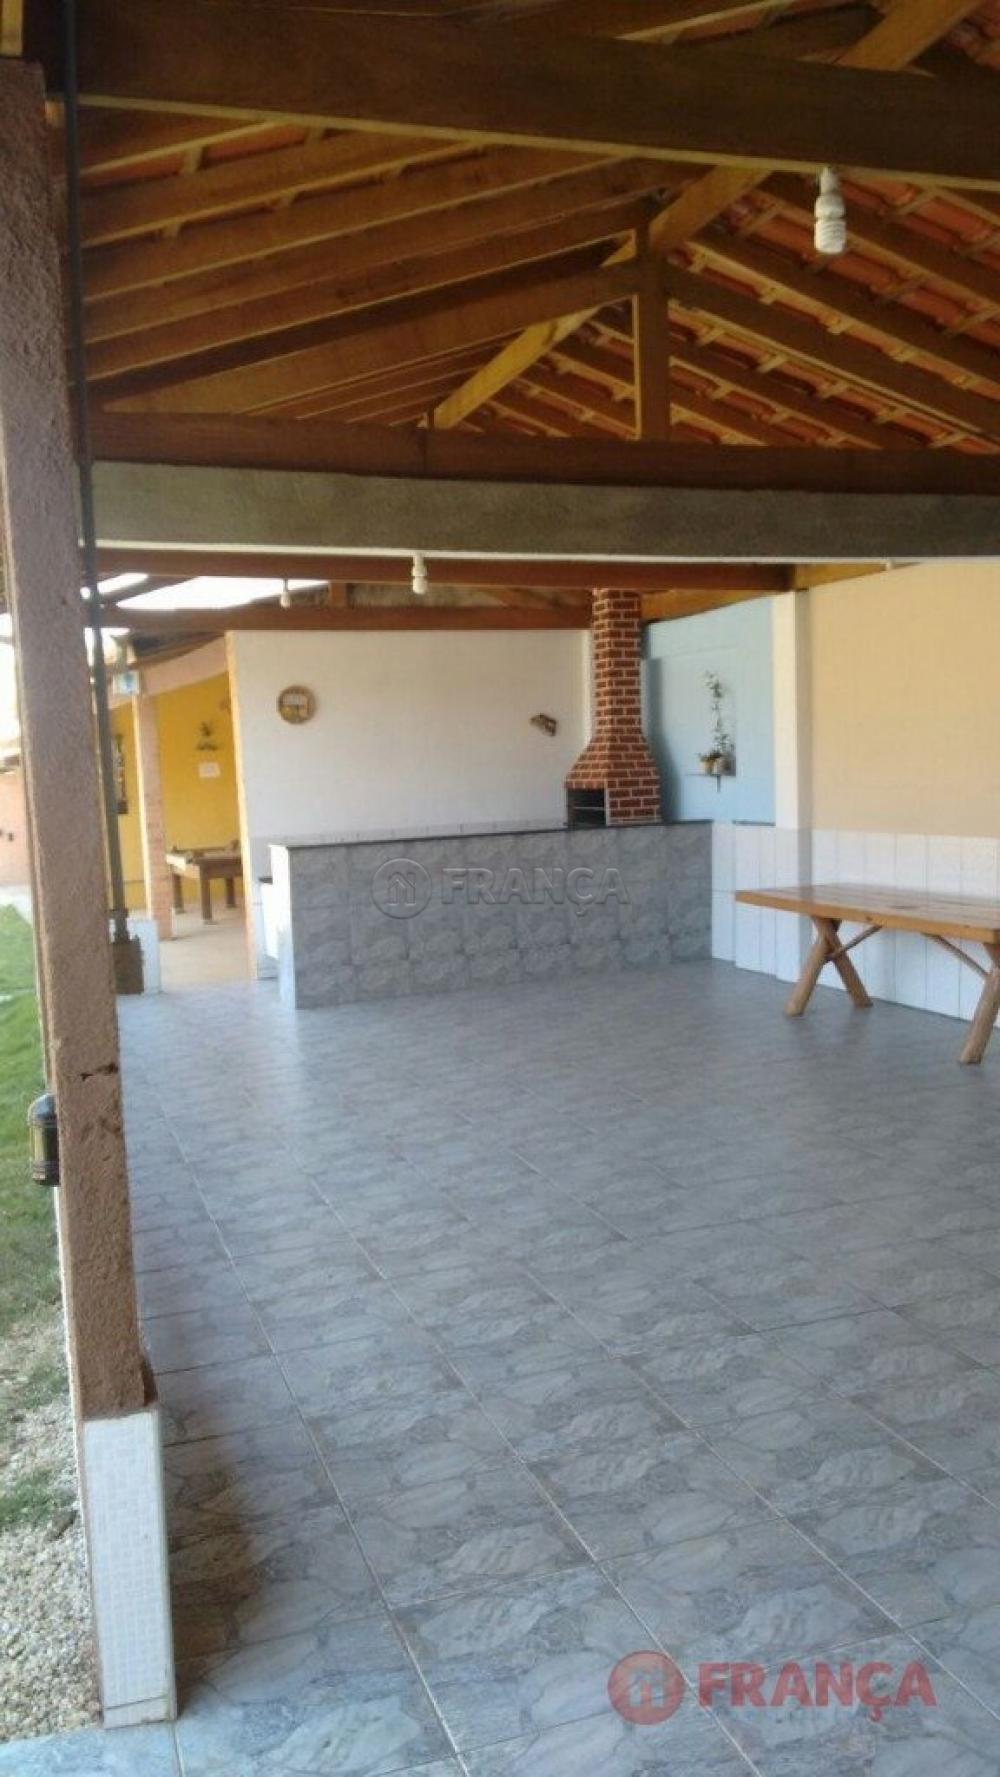 Comprar Rural / Chácara em São José dos Campos apenas R$ 780.000,00 - Foto 21